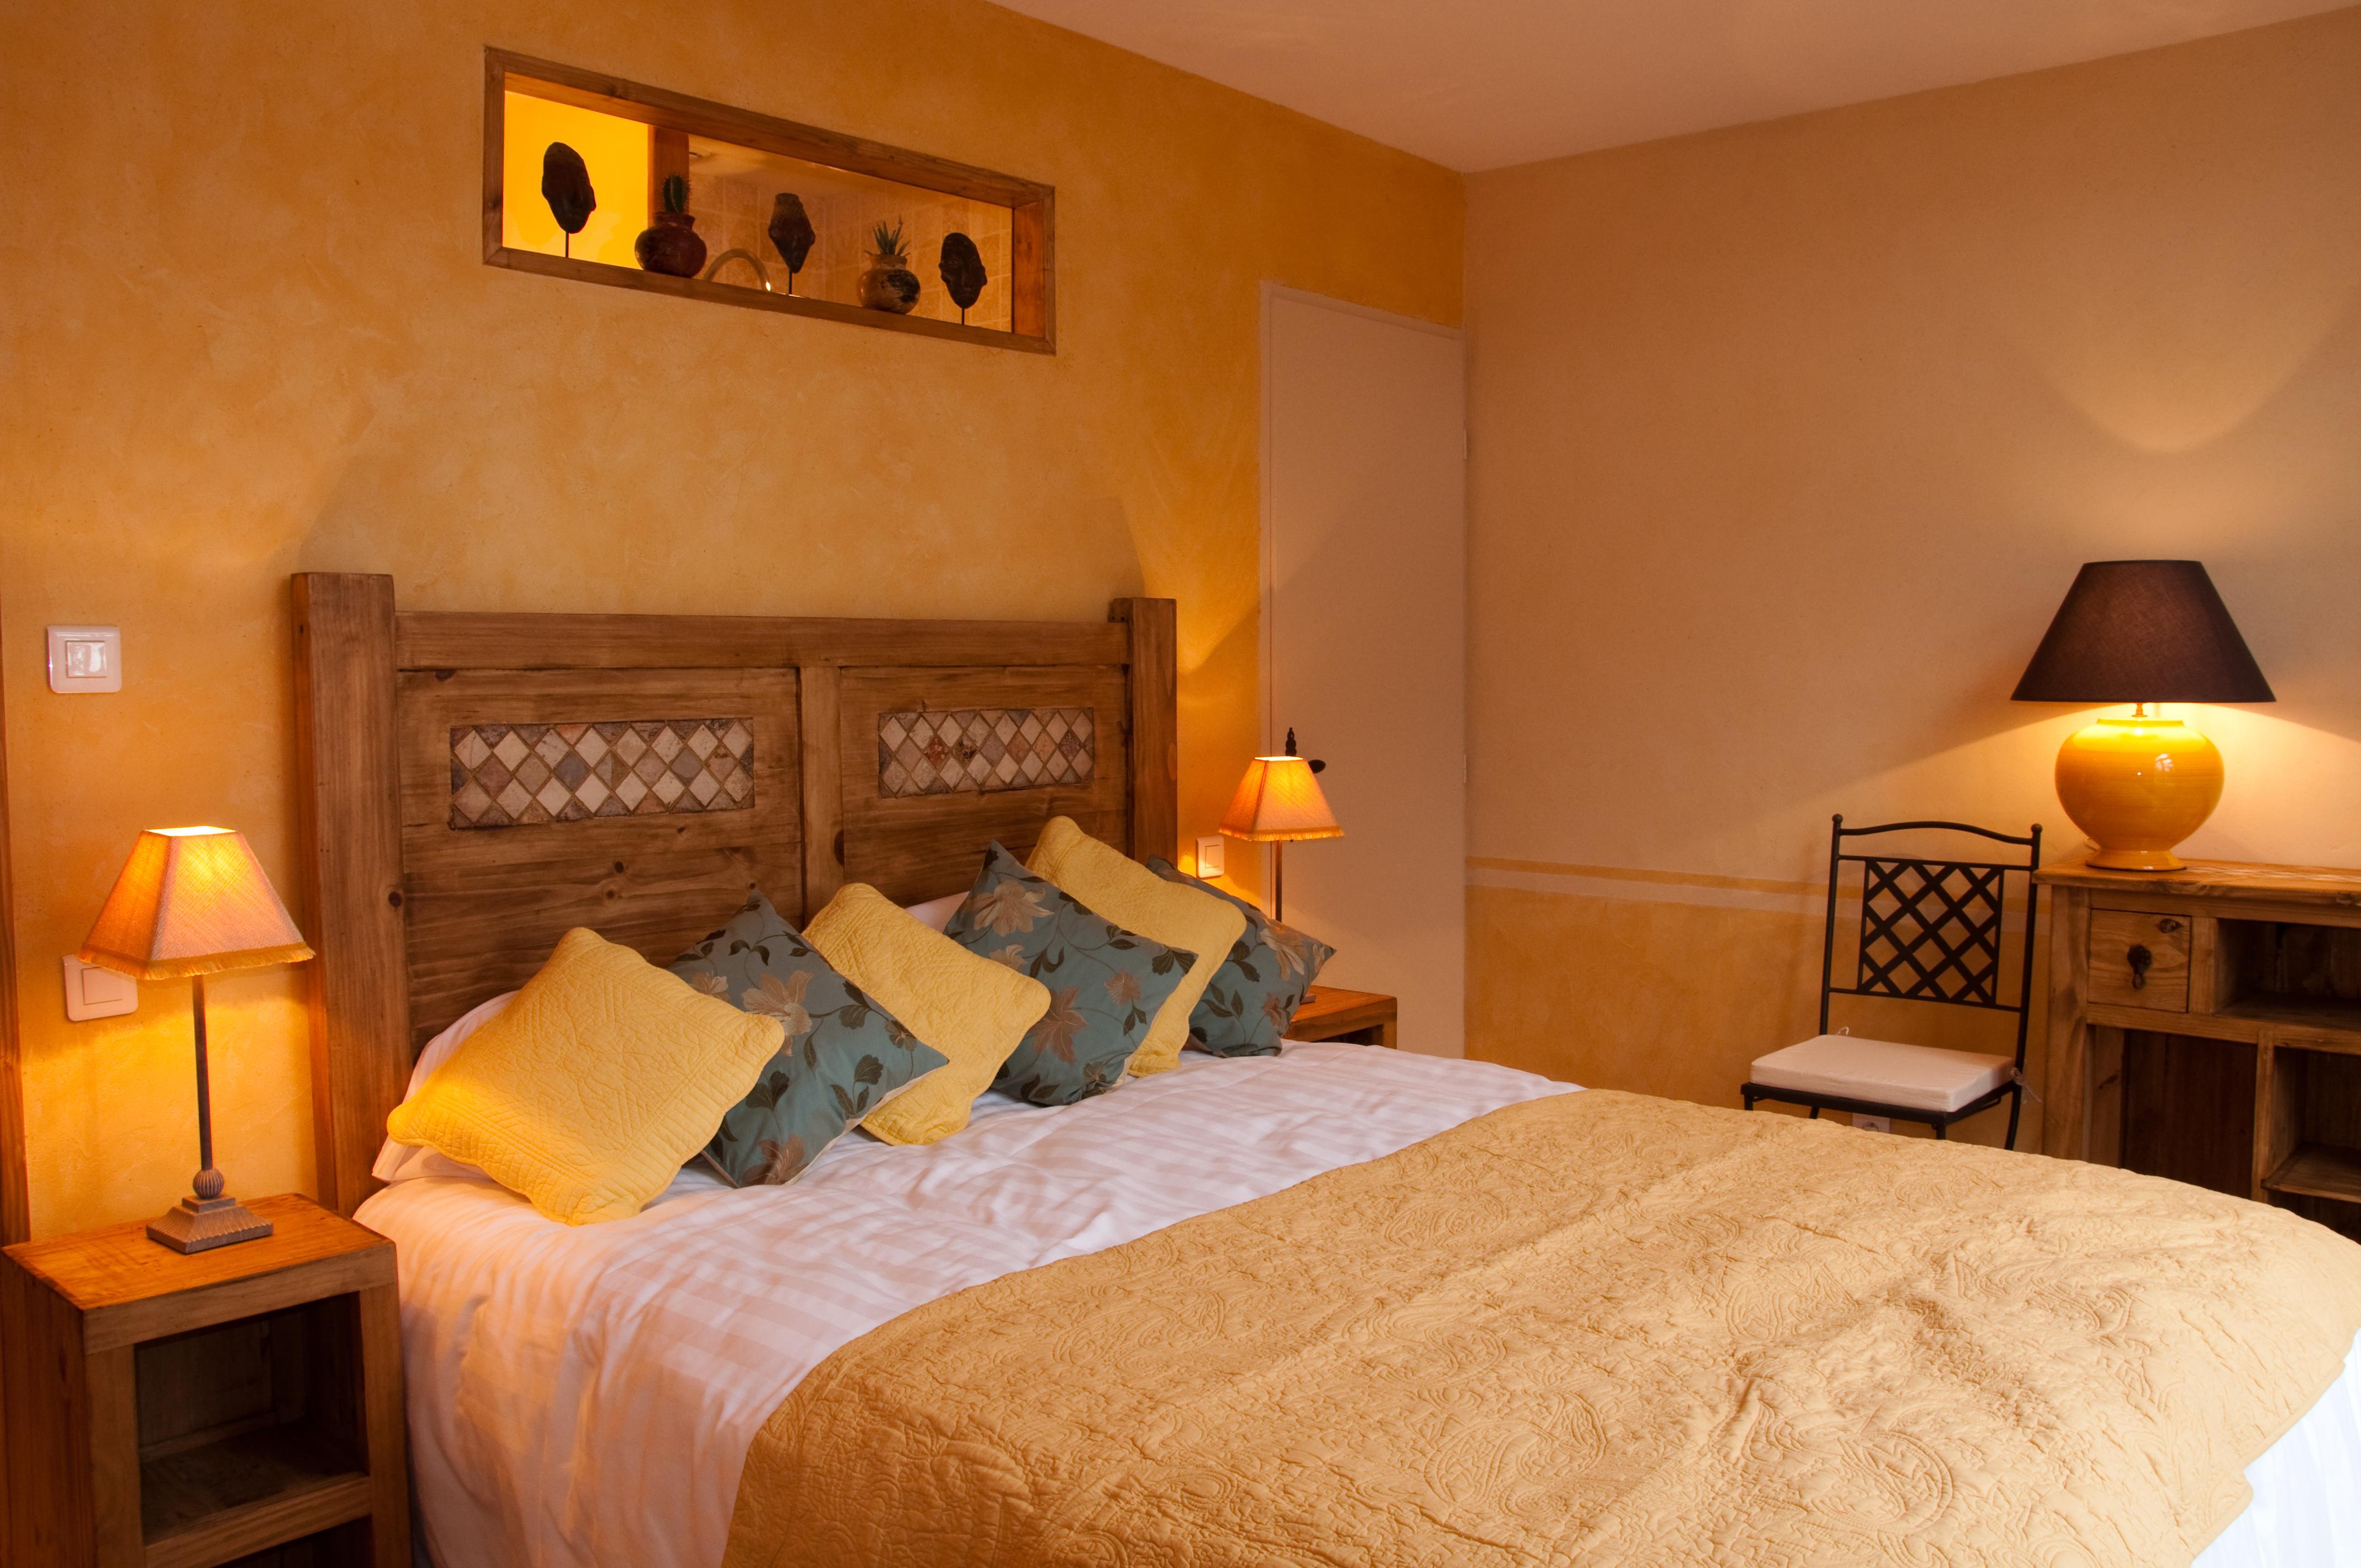 les jardins de l 39 hacienda tarare hebergement locatif lyon et dans le rhone. Black Bedroom Furniture Sets. Home Design Ideas